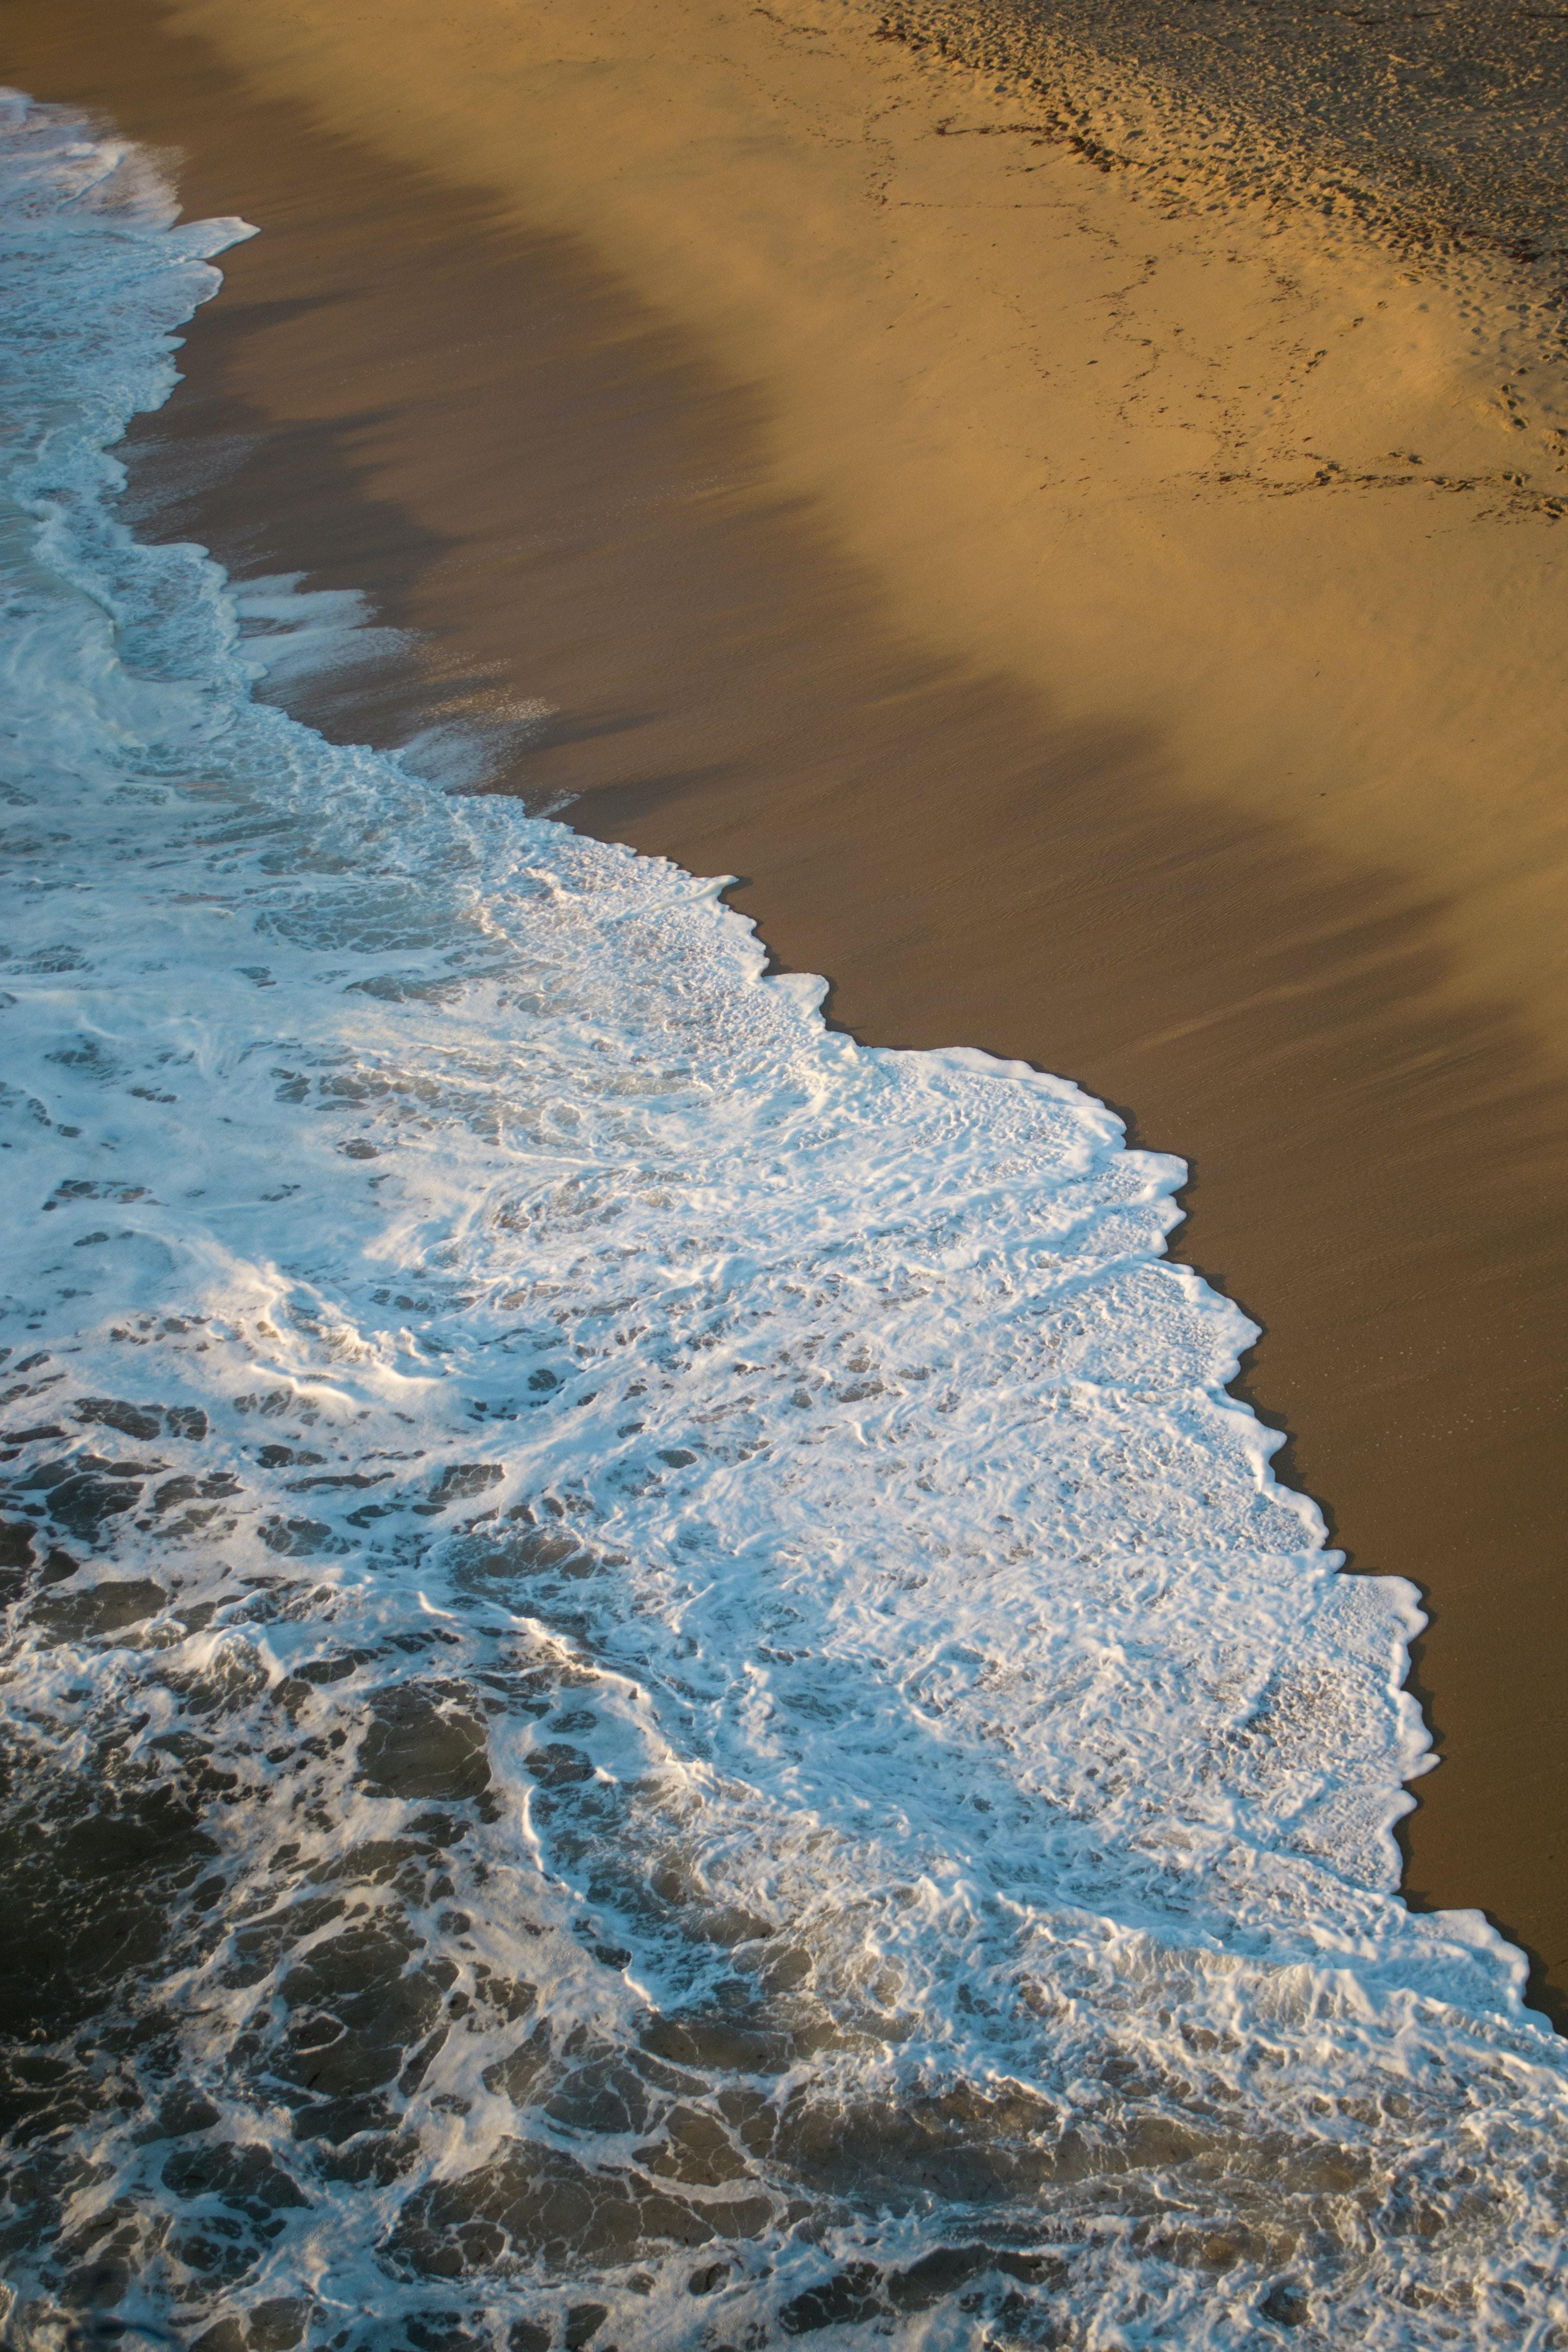 136669壁紙のダウンロード自然, ビーチ, ショア, 銀行, 水, サンド, 波-スクリーンセーバーと写真を無料で